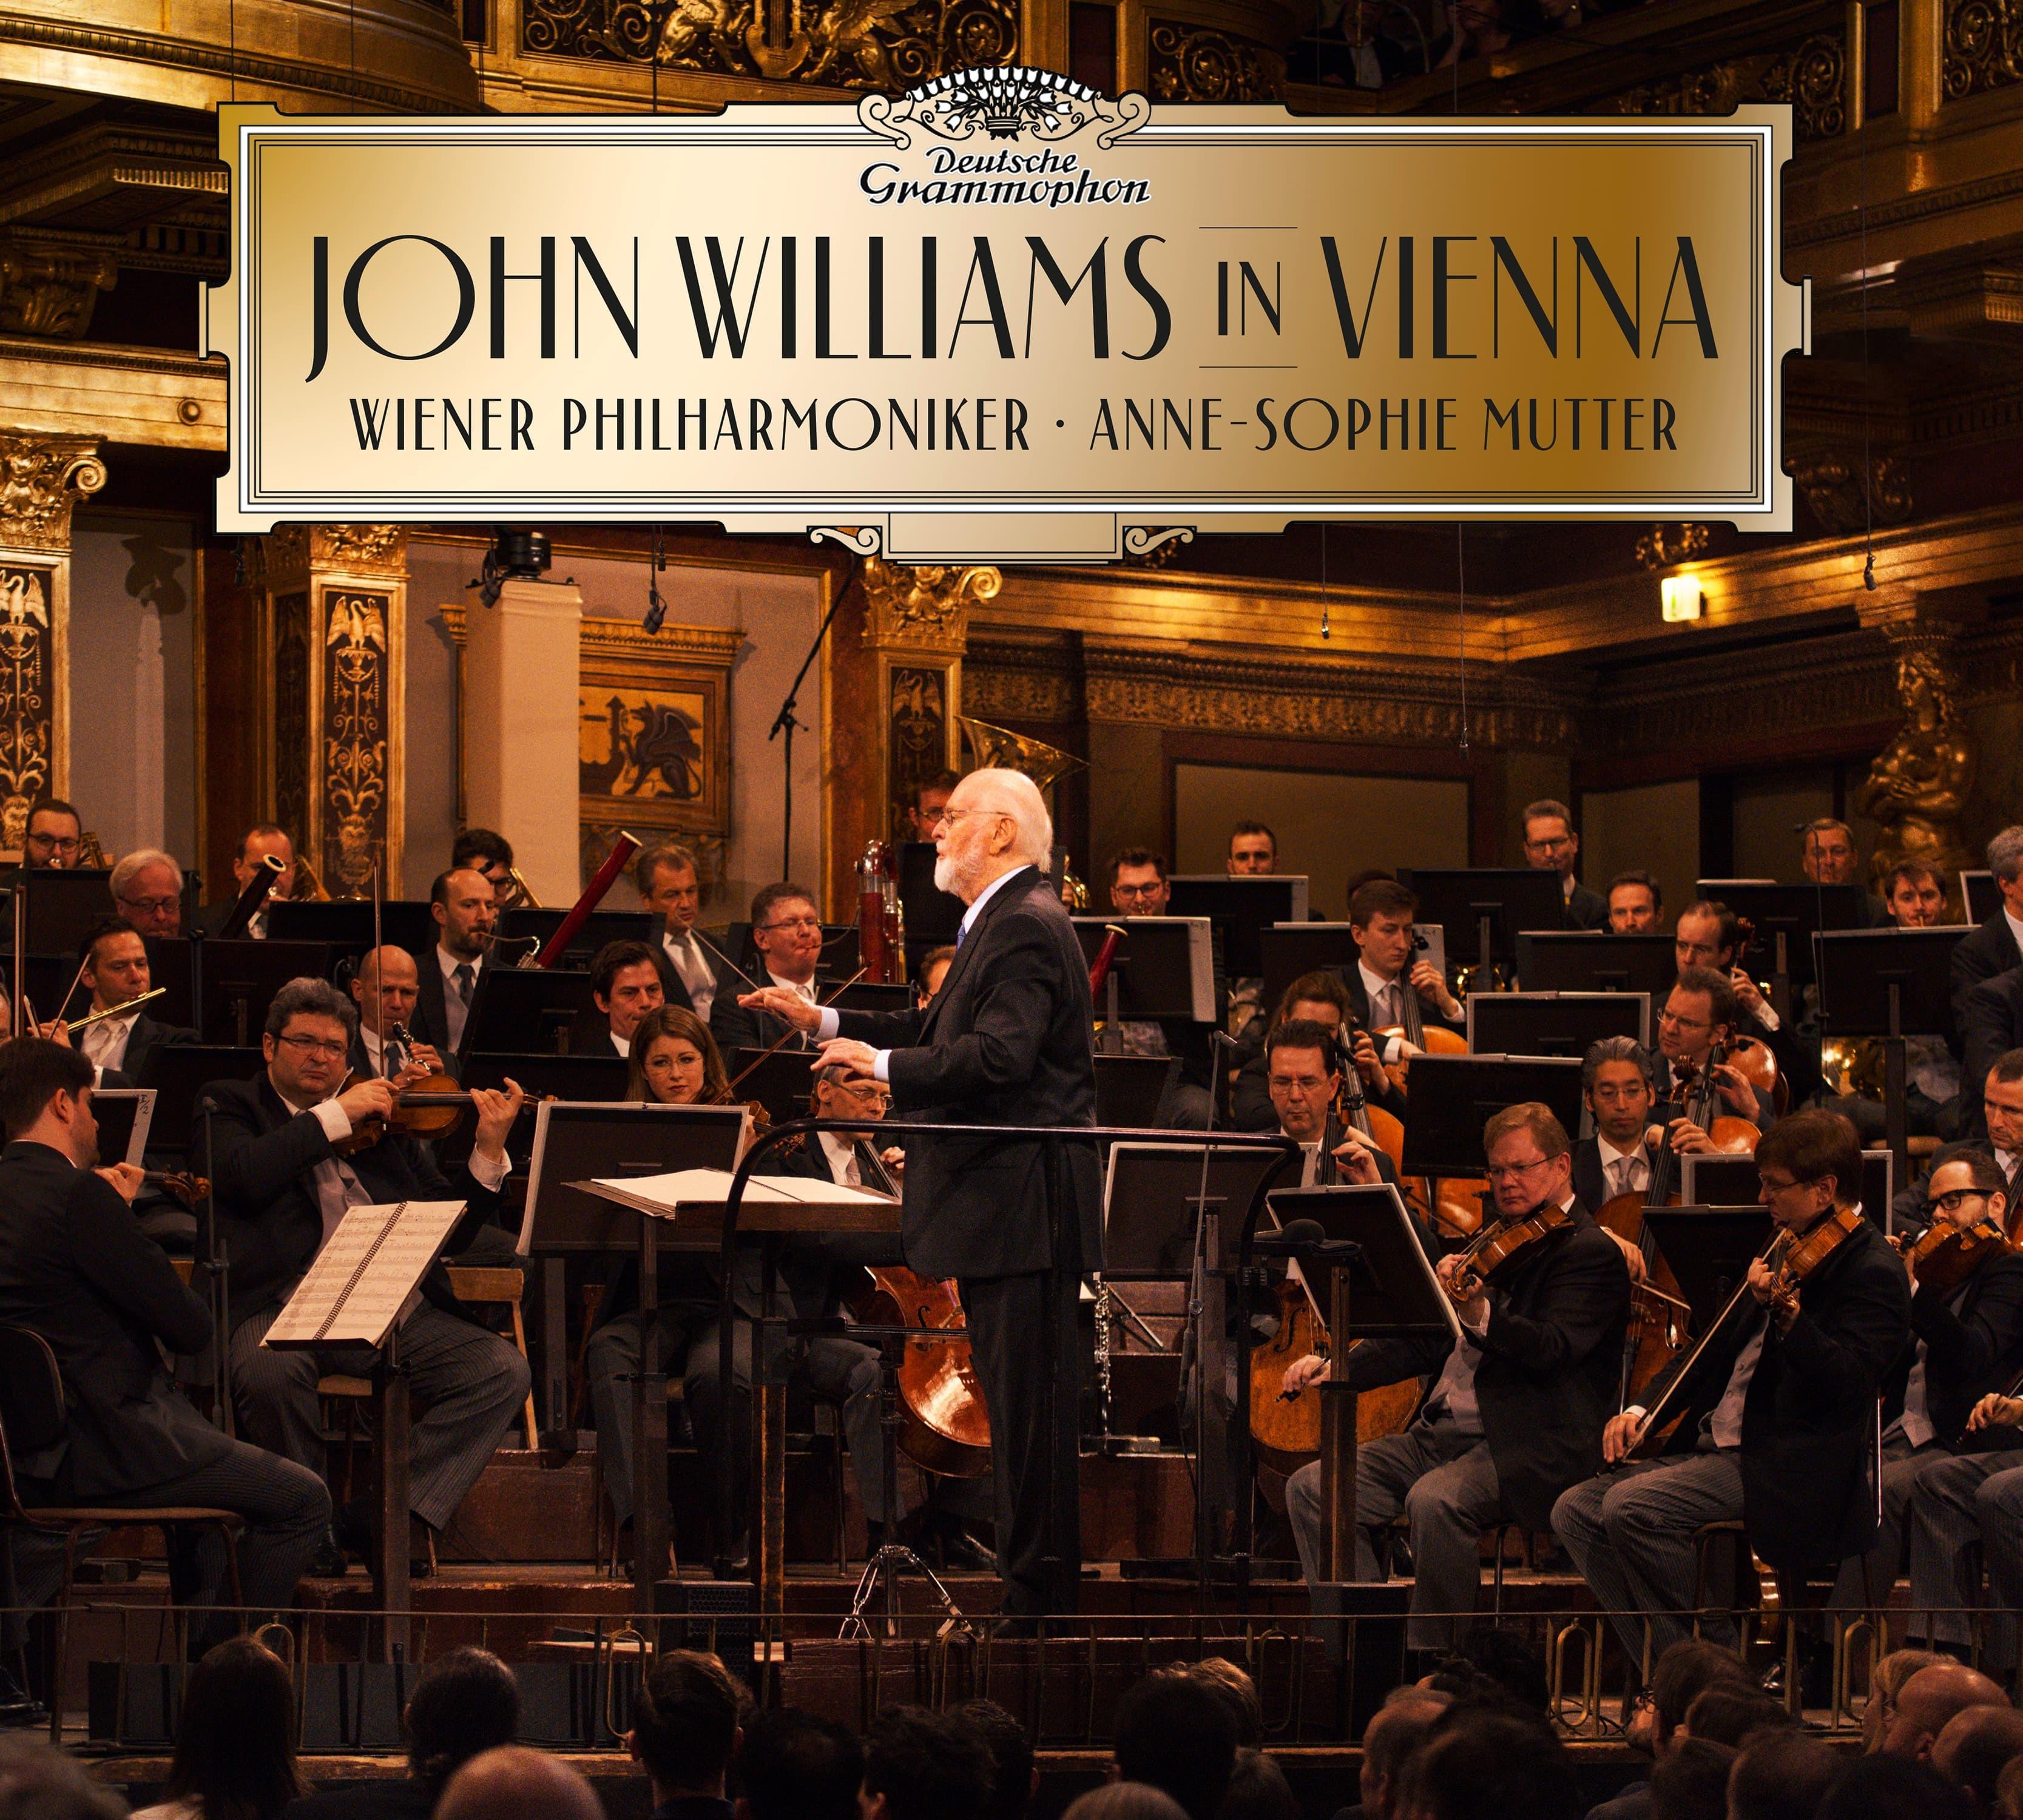 Τοποθεσία Μουσικής Κινηματογράφου - John Williams in Vienna Μουσική  υπόκρουση (John Williams) - Deutsche Grammophon (2020)